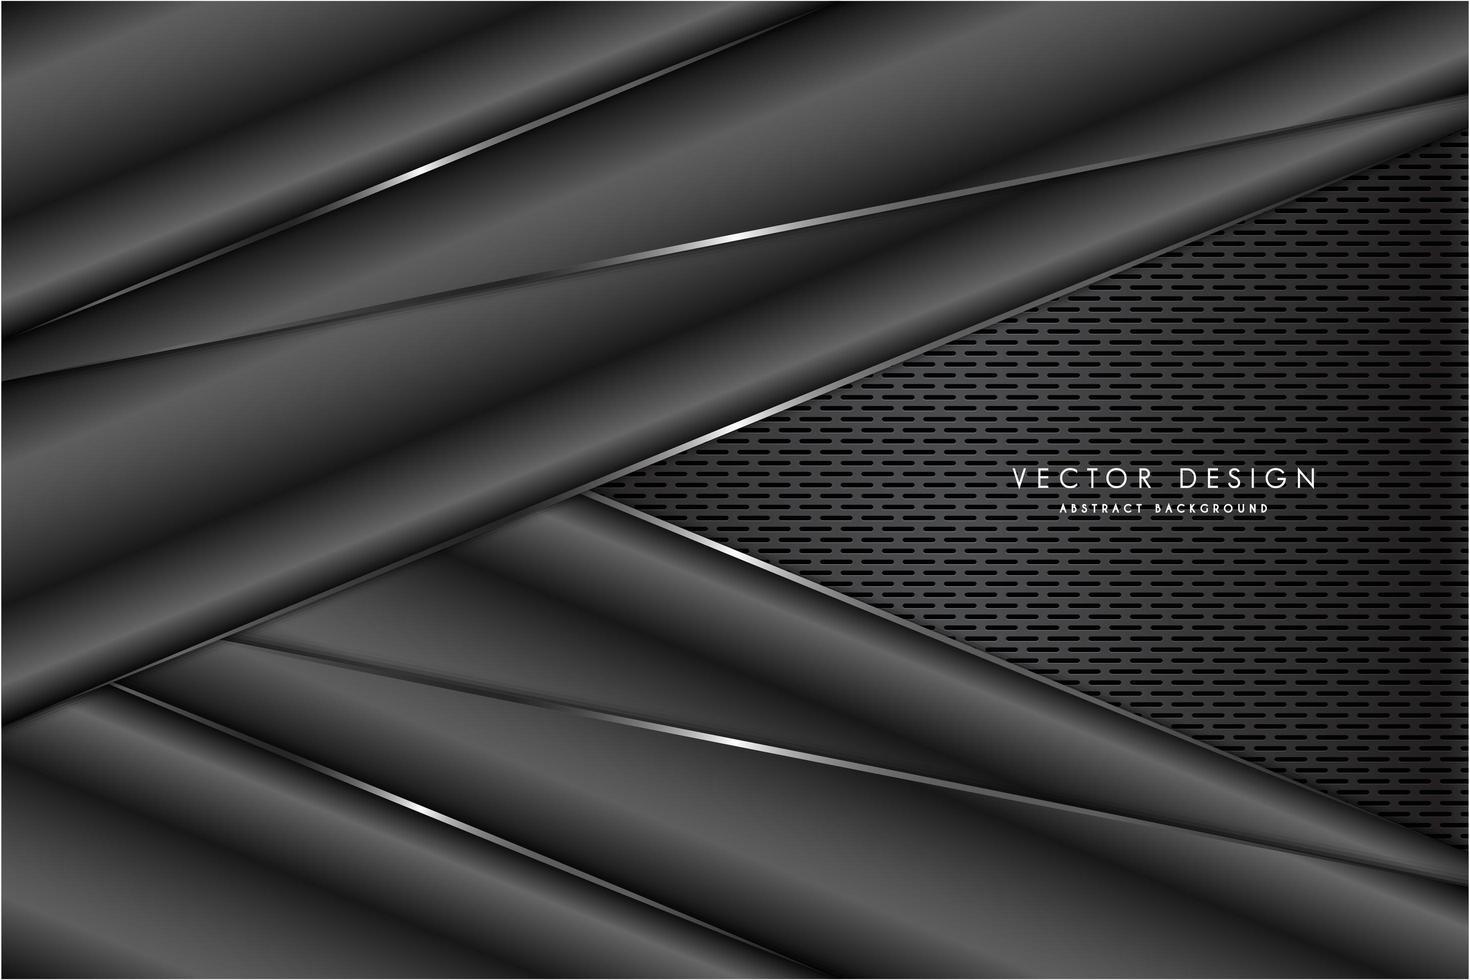 pannelli ad angolo grigio scuro metallizzati su struttura a griglia grigia vettore